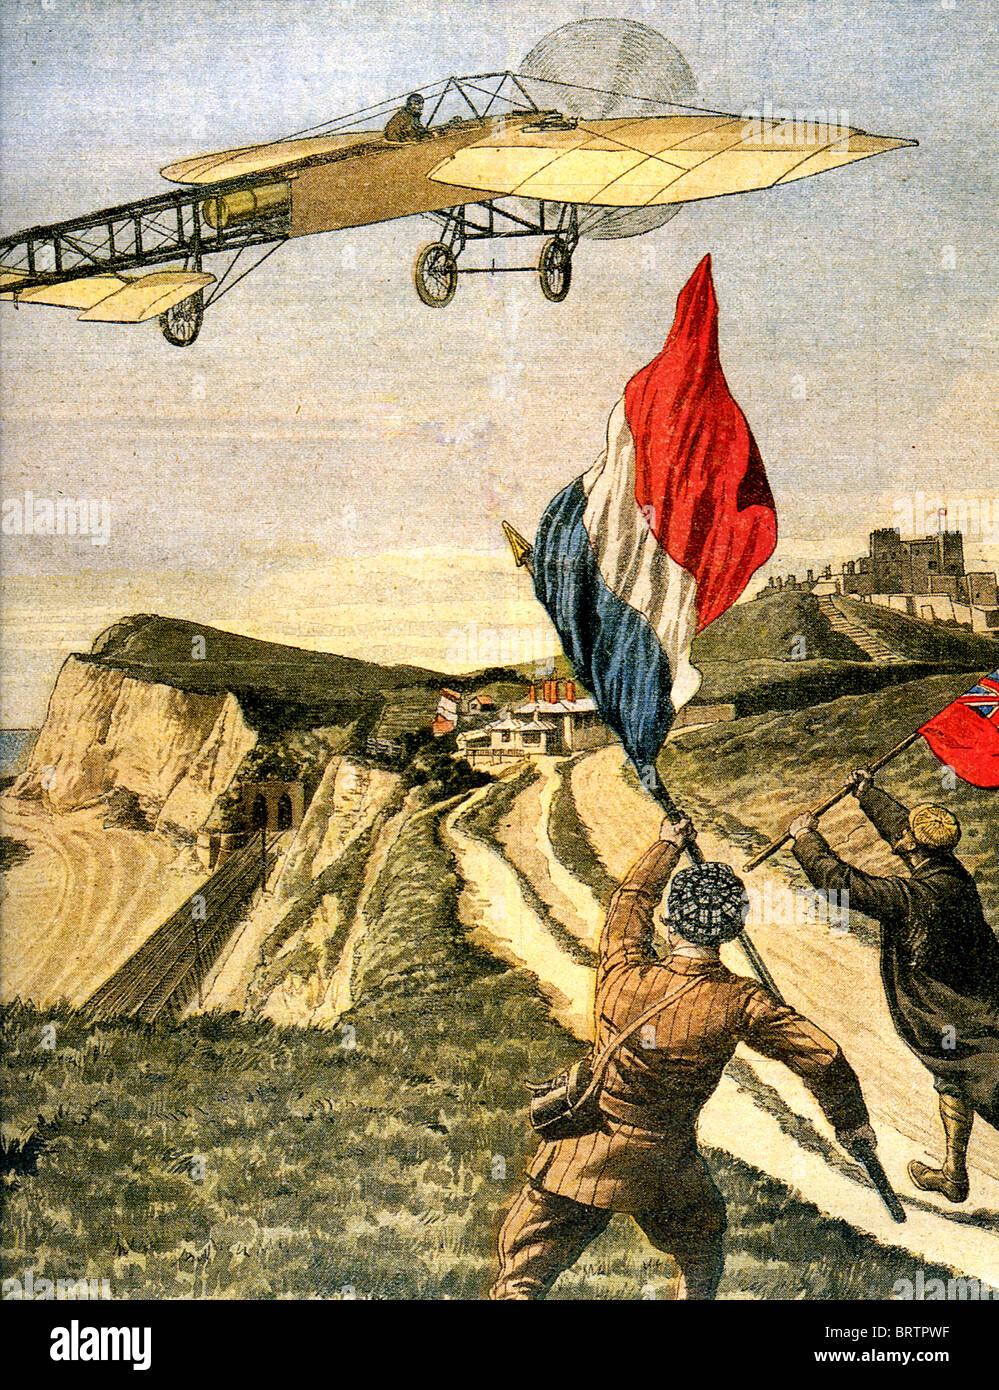 LOUIS BLERIOT (1872-1936) voa sua XI em toda as falésias de Dover após o primeiro voo de canal cruzado, Imagens de Stock